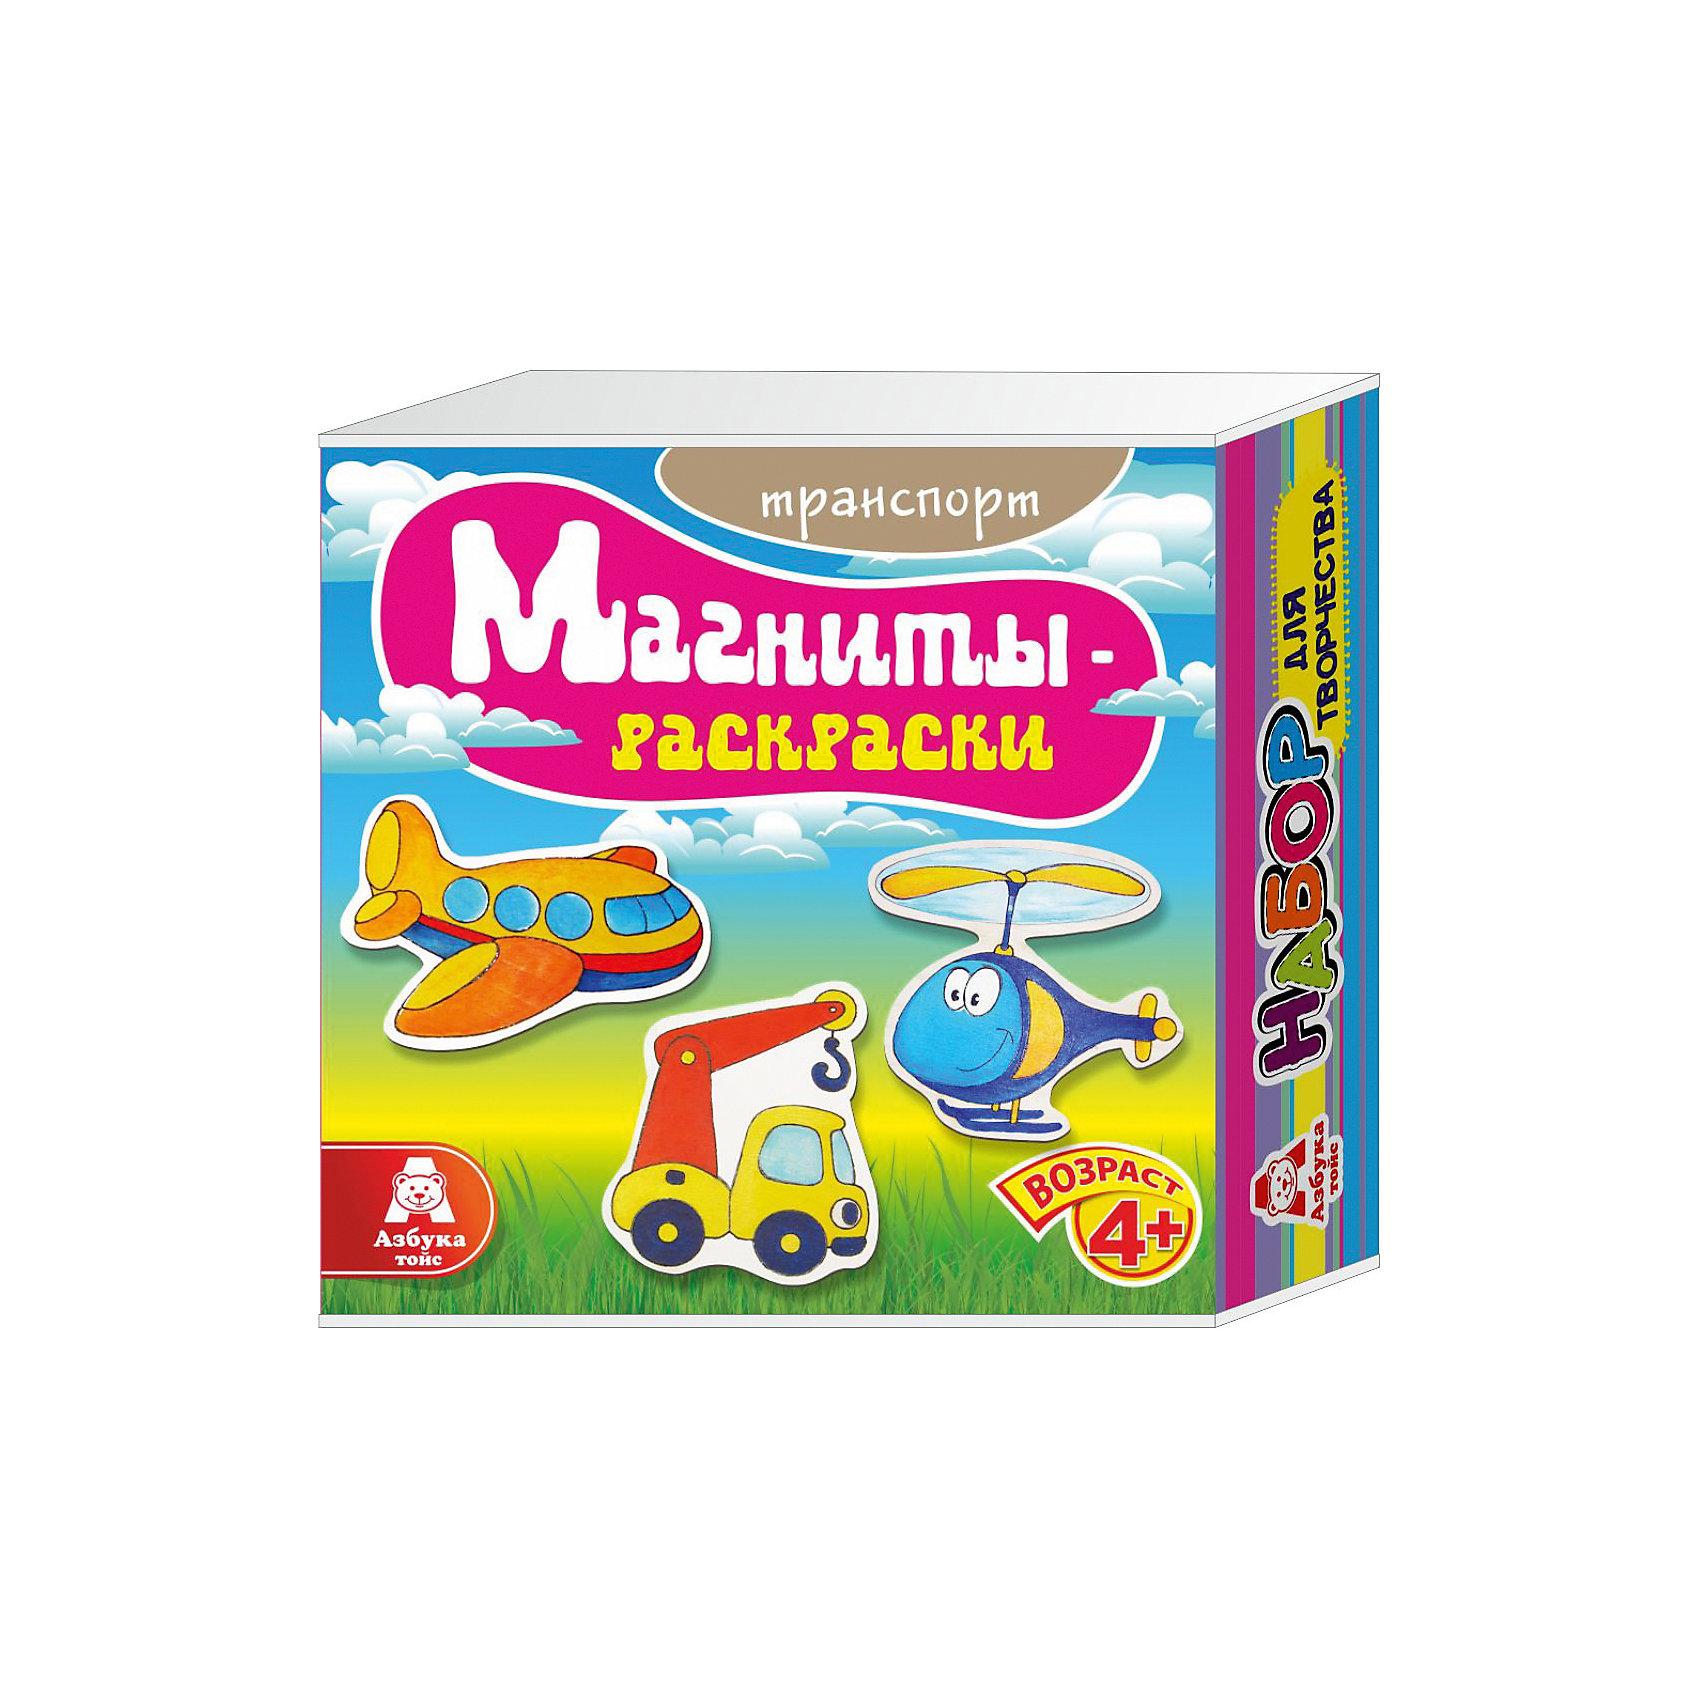 Магниты-раскраски ТранспортМагниты-раскраски Транспорт.<br><br>Характеристики:<br><br>- Для детей от 4 лет<br>- В наборе: 3 деревянных элемента с изображением, набор акриловых красок из 6 цветов, кисточка, магниты, палитра, инструкция<br>- Изготовитель: ООО Азбука Тойз<br>- Сделано в России<br>- Упаковка: картонная коробка<br>- Размер упаковки: 14х5х14 см.<br>- Вес: 174 гр.<br><br>Набор магниты-раскраски Транспорт поможет ребенку проявить свои творческие способности и познакомиться с цветами, красками и оттенками. В наборе имеются 3 фигурки из натурального дерева в виде самолета, вертолета и крана, которые нужно раскрасить красками. Фигурки можно раскрасить акриловыми красками, входящими в набор, а так же пальчиковыми красками, карандашами, пластилином или восковыми мелками. Фигурки будут хорошо держаться на холодильнике или любой другой металлической поверхности благодаря надежным магнитам. С набором для творчества магниты-раскраски Транспорт ваш ребенок разовьет воображение, художественные навыки и цветовосприятие.<br><br>Магниты-раскраски Транспорт можно купить в нашем интернет-магазине.<br><br>Ширина мм: 140<br>Глубина мм: 50<br>Высота мм: 140<br>Вес г: 174<br>Возраст от месяцев: 48<br>Возраст до месяцев: 108<br>Пол: Мужской<br>Возраст: Детский<br>SKU: 5062916